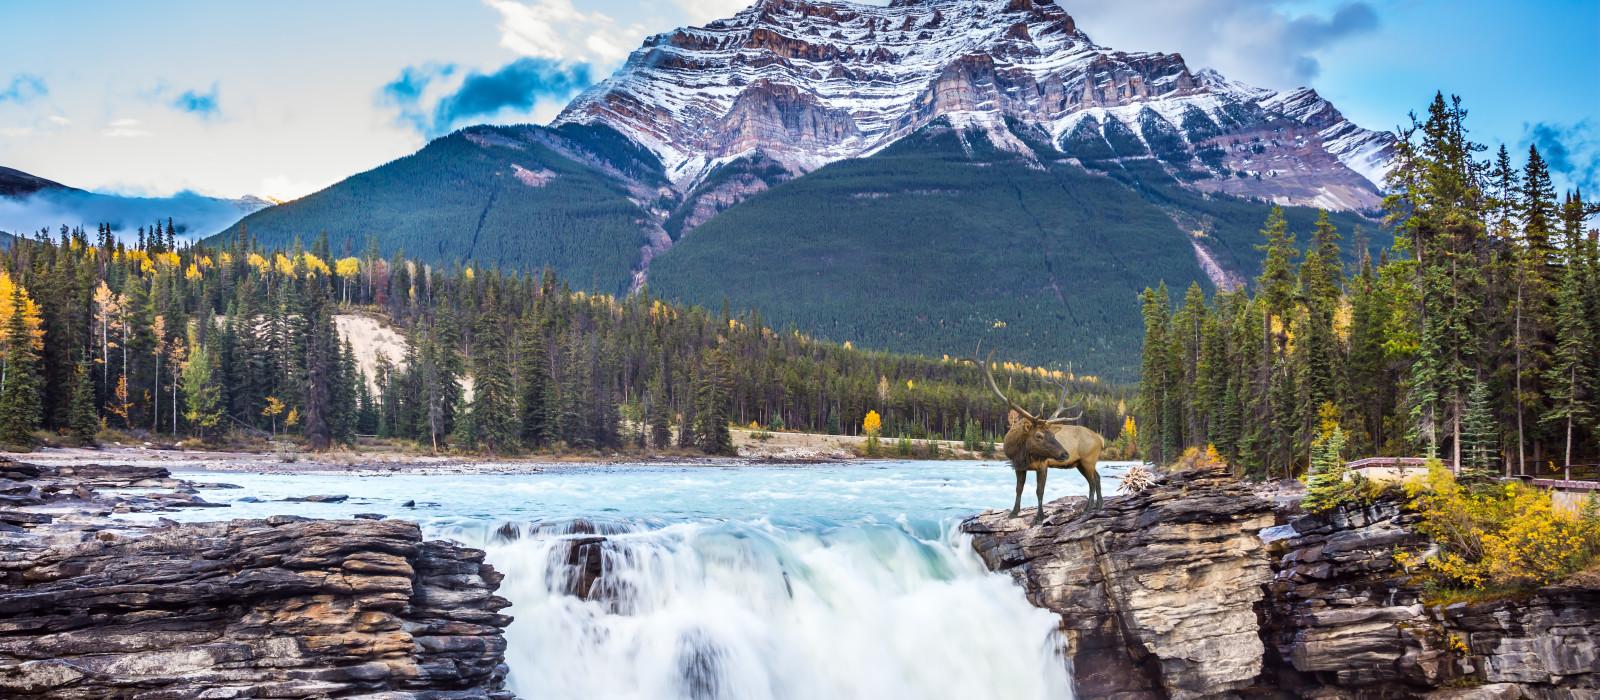 Reiseziel Jasper Kanada